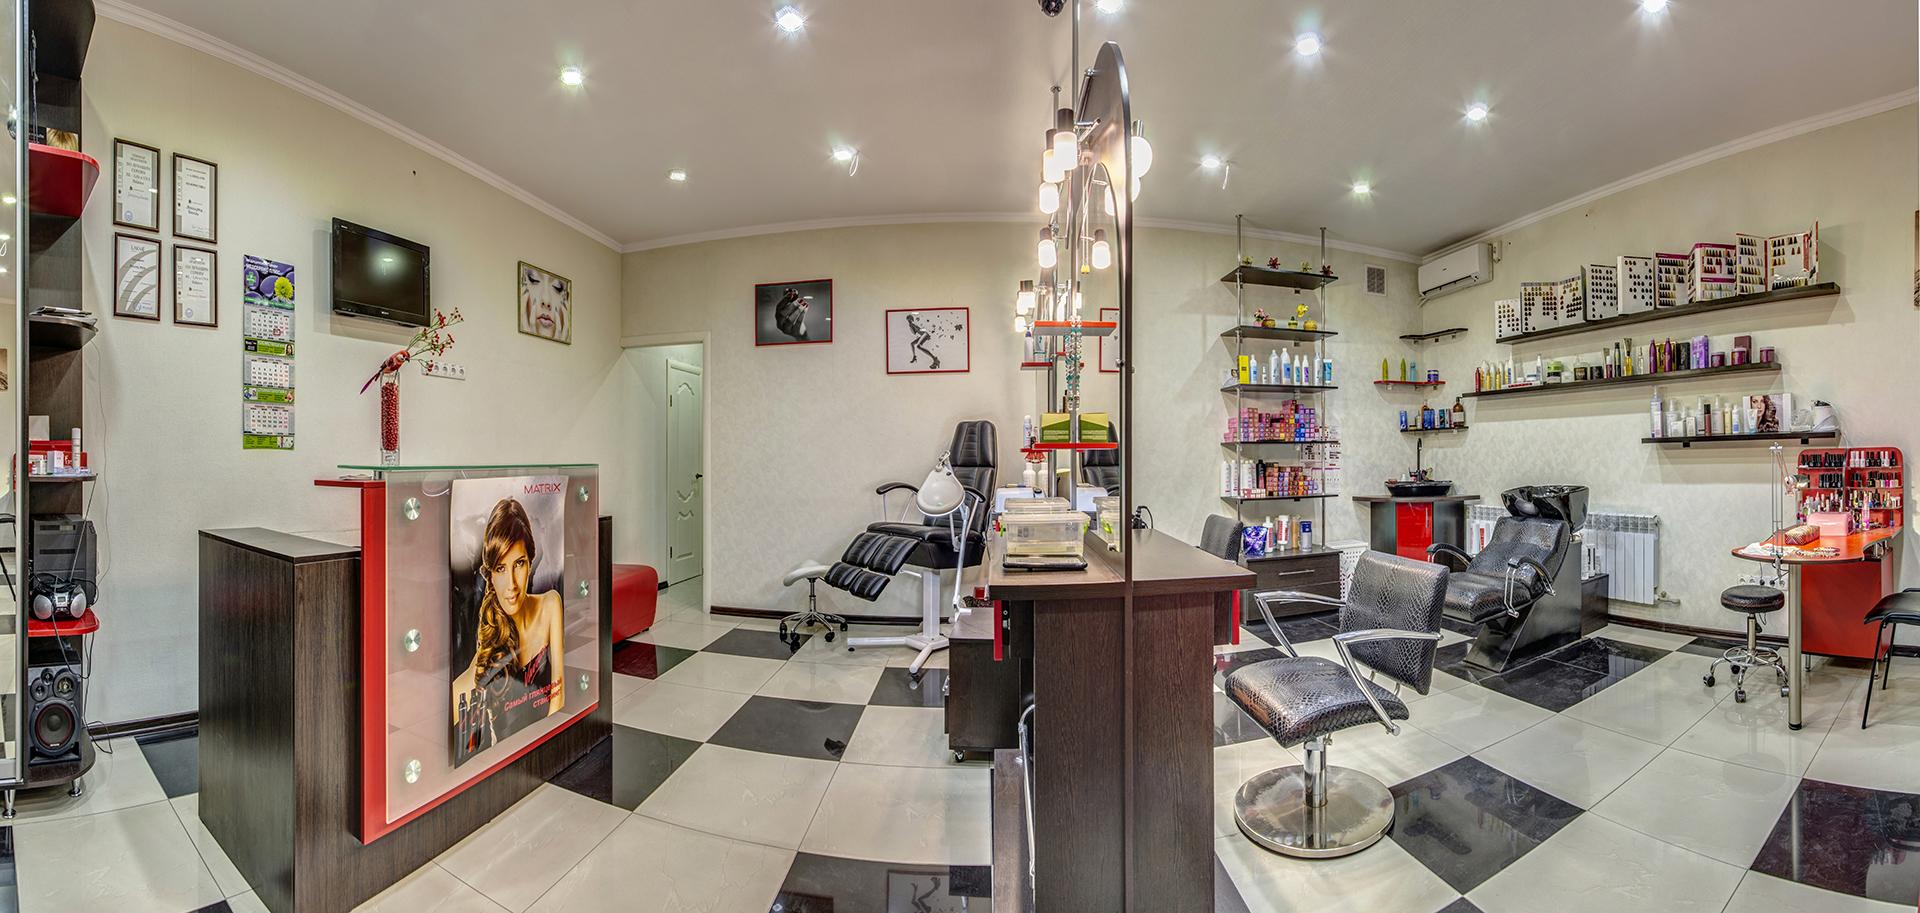 Фирма: Студия красоты spa Beauty Zone